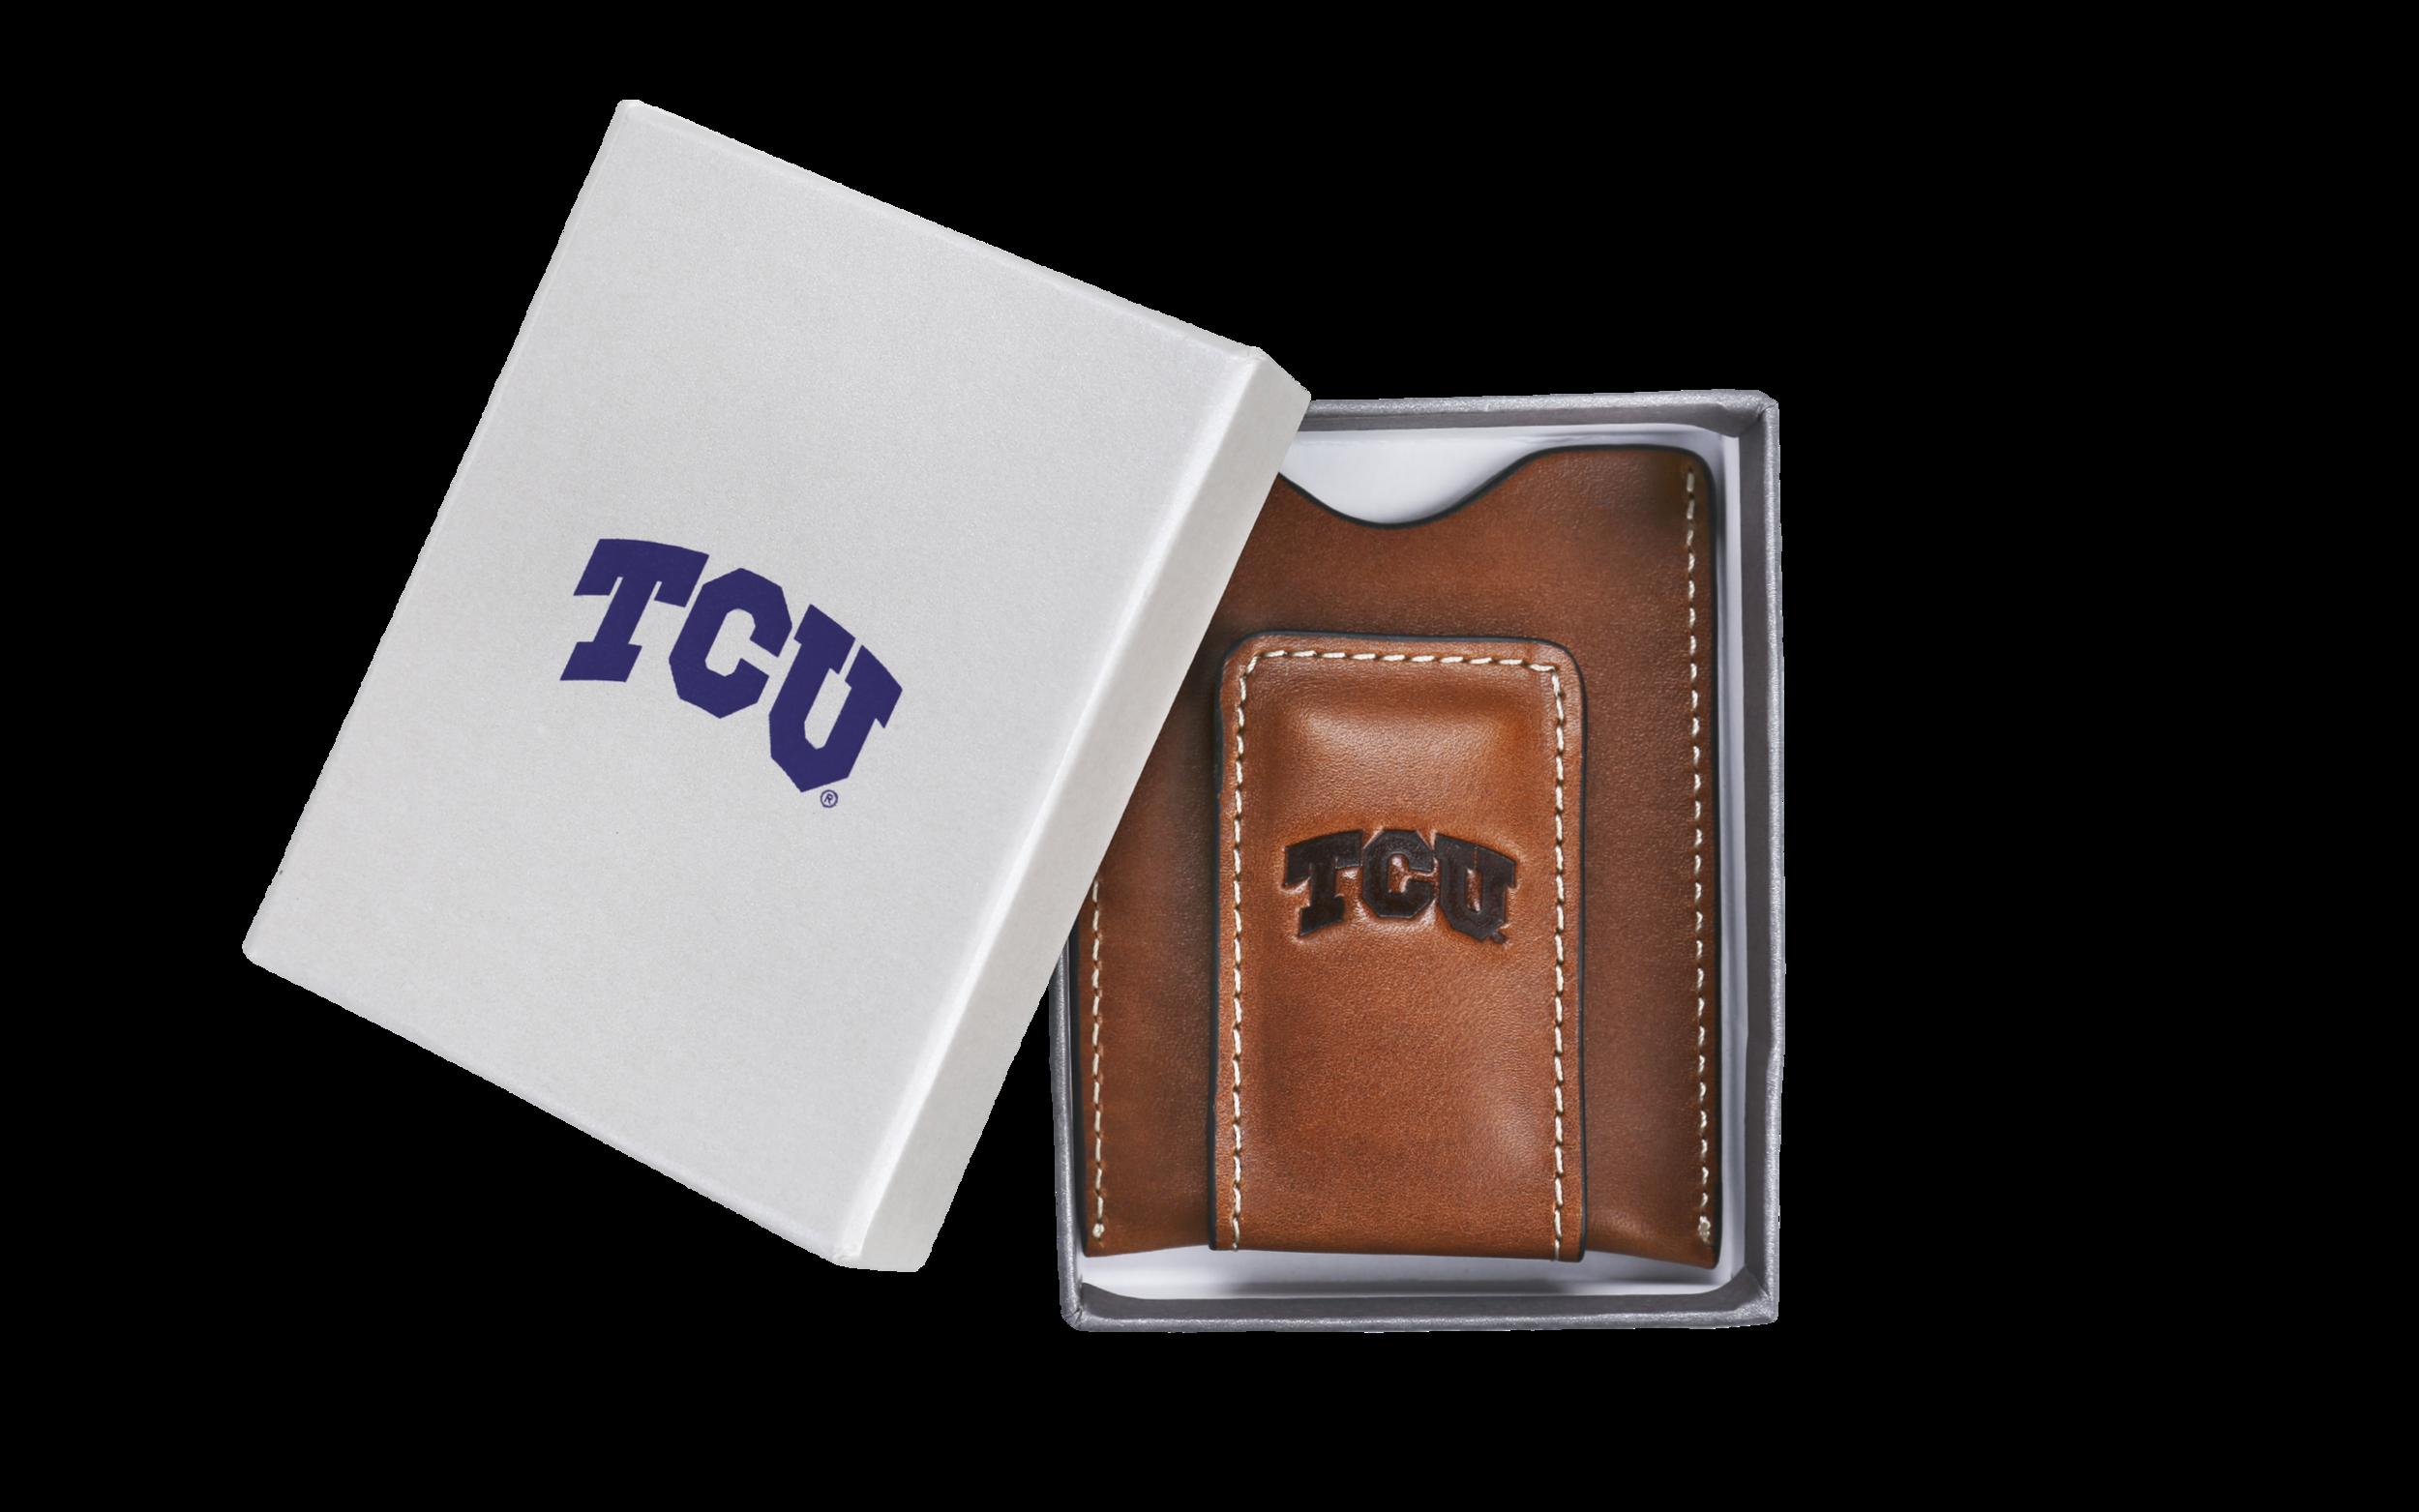 tcu money clip in box.png